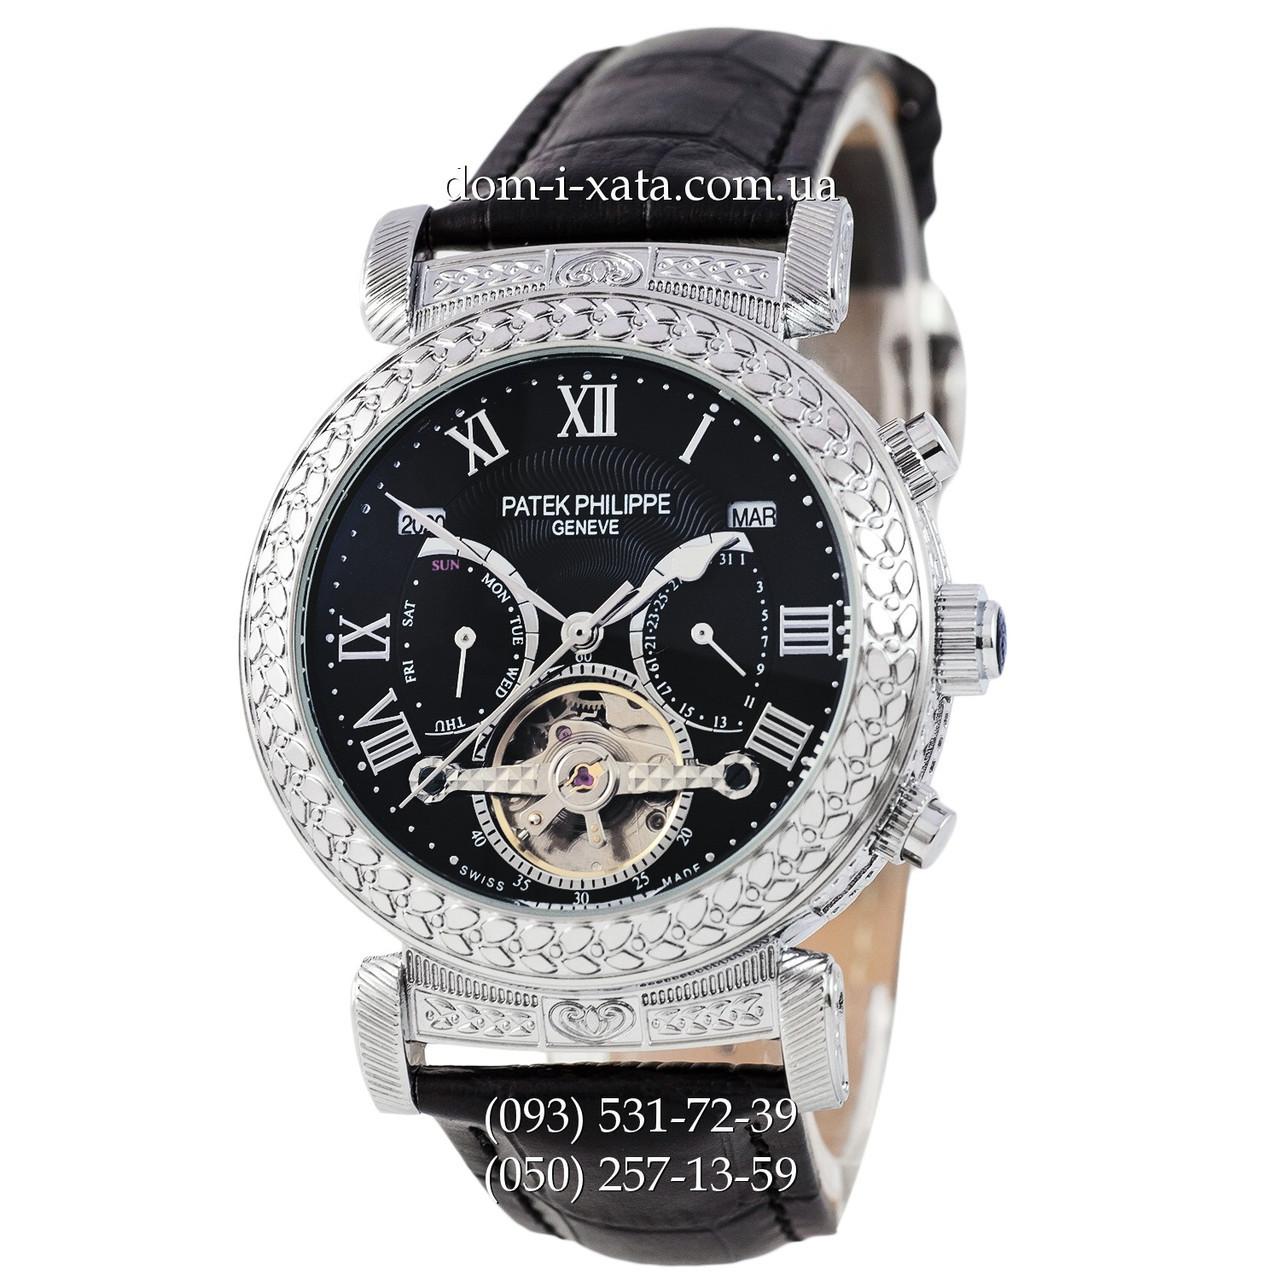 Мужские часы Patek Philippe Grand Complications Power Tourbillon Black-Silver, механические, элитные часы, реплика отличное качество